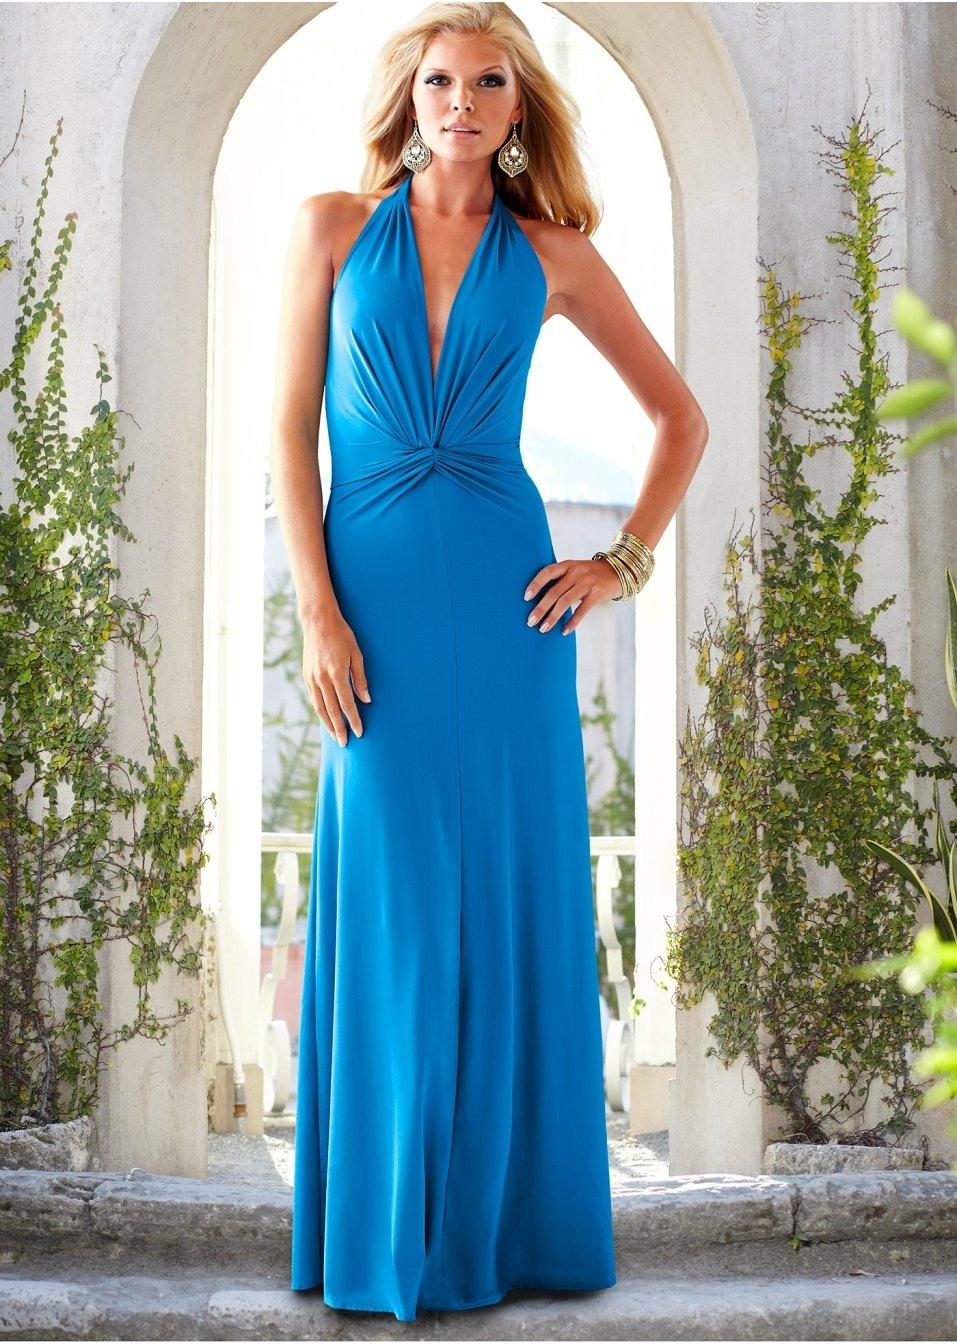 20 Einzigartig Lange Kleider Elegant Günstig ÄrmelFormal Spektakulär Lange Kleider Elegant Günstig Vertrieb